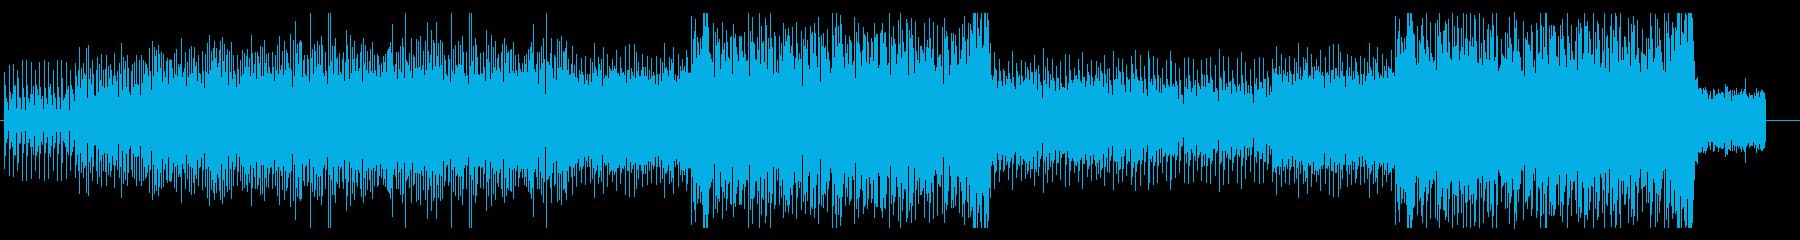 ミドルテンポの骨太なシンセRockの再生済みの波形